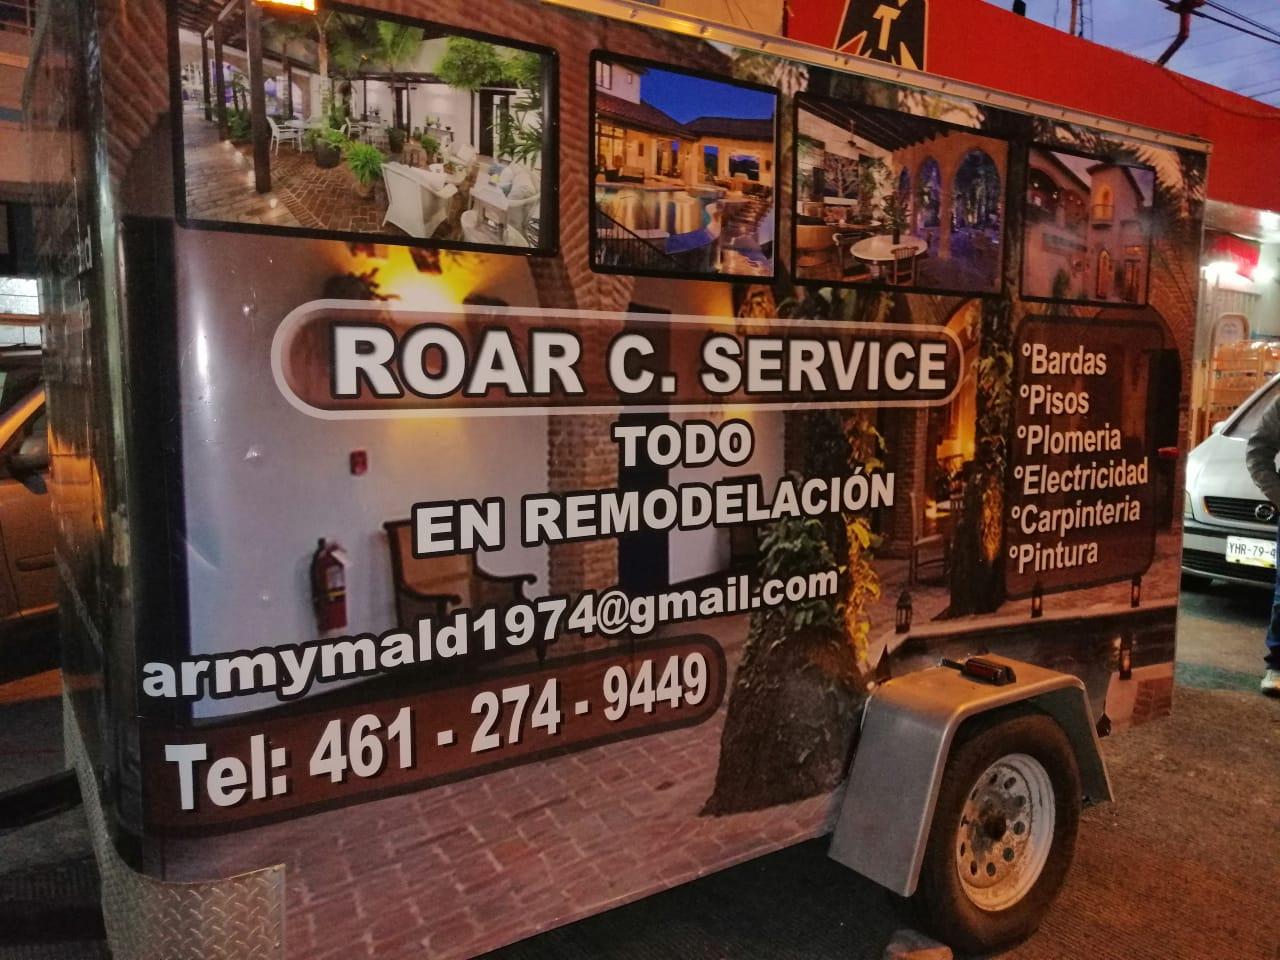 Roar Construcción Service